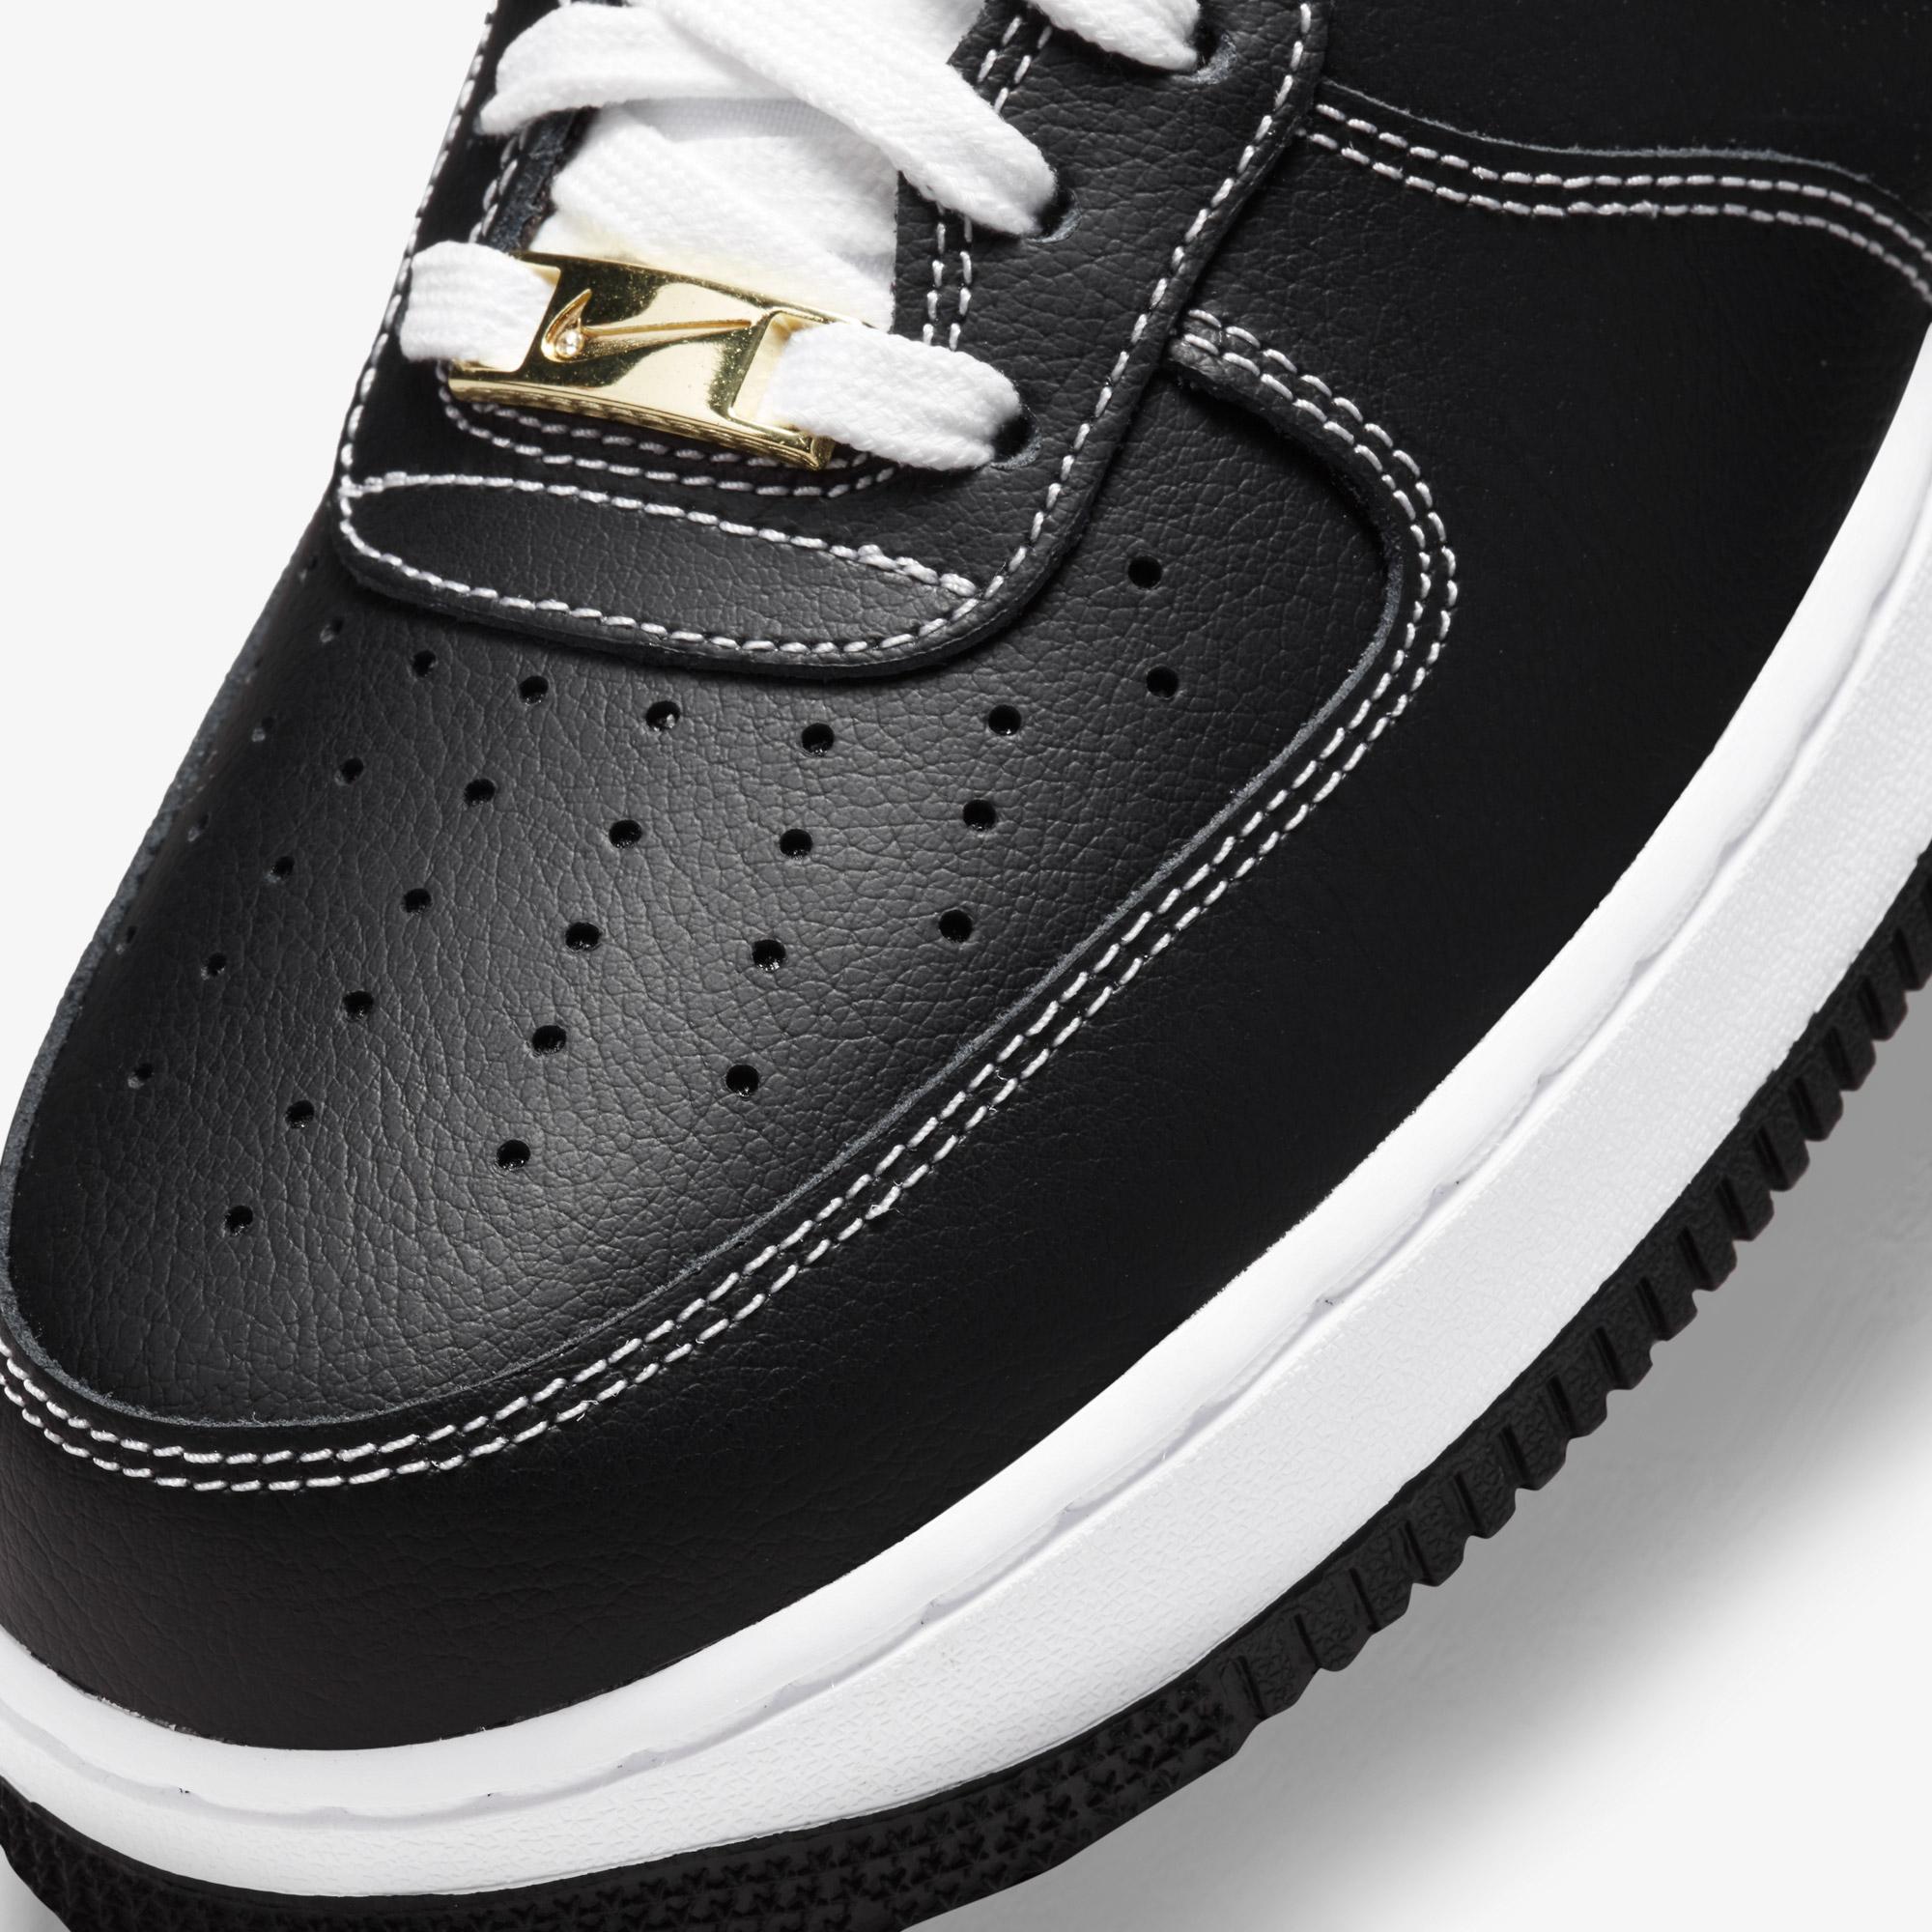 Nike Air Force 1 Low First Use Erkek Siyah Spor Ayakkabı